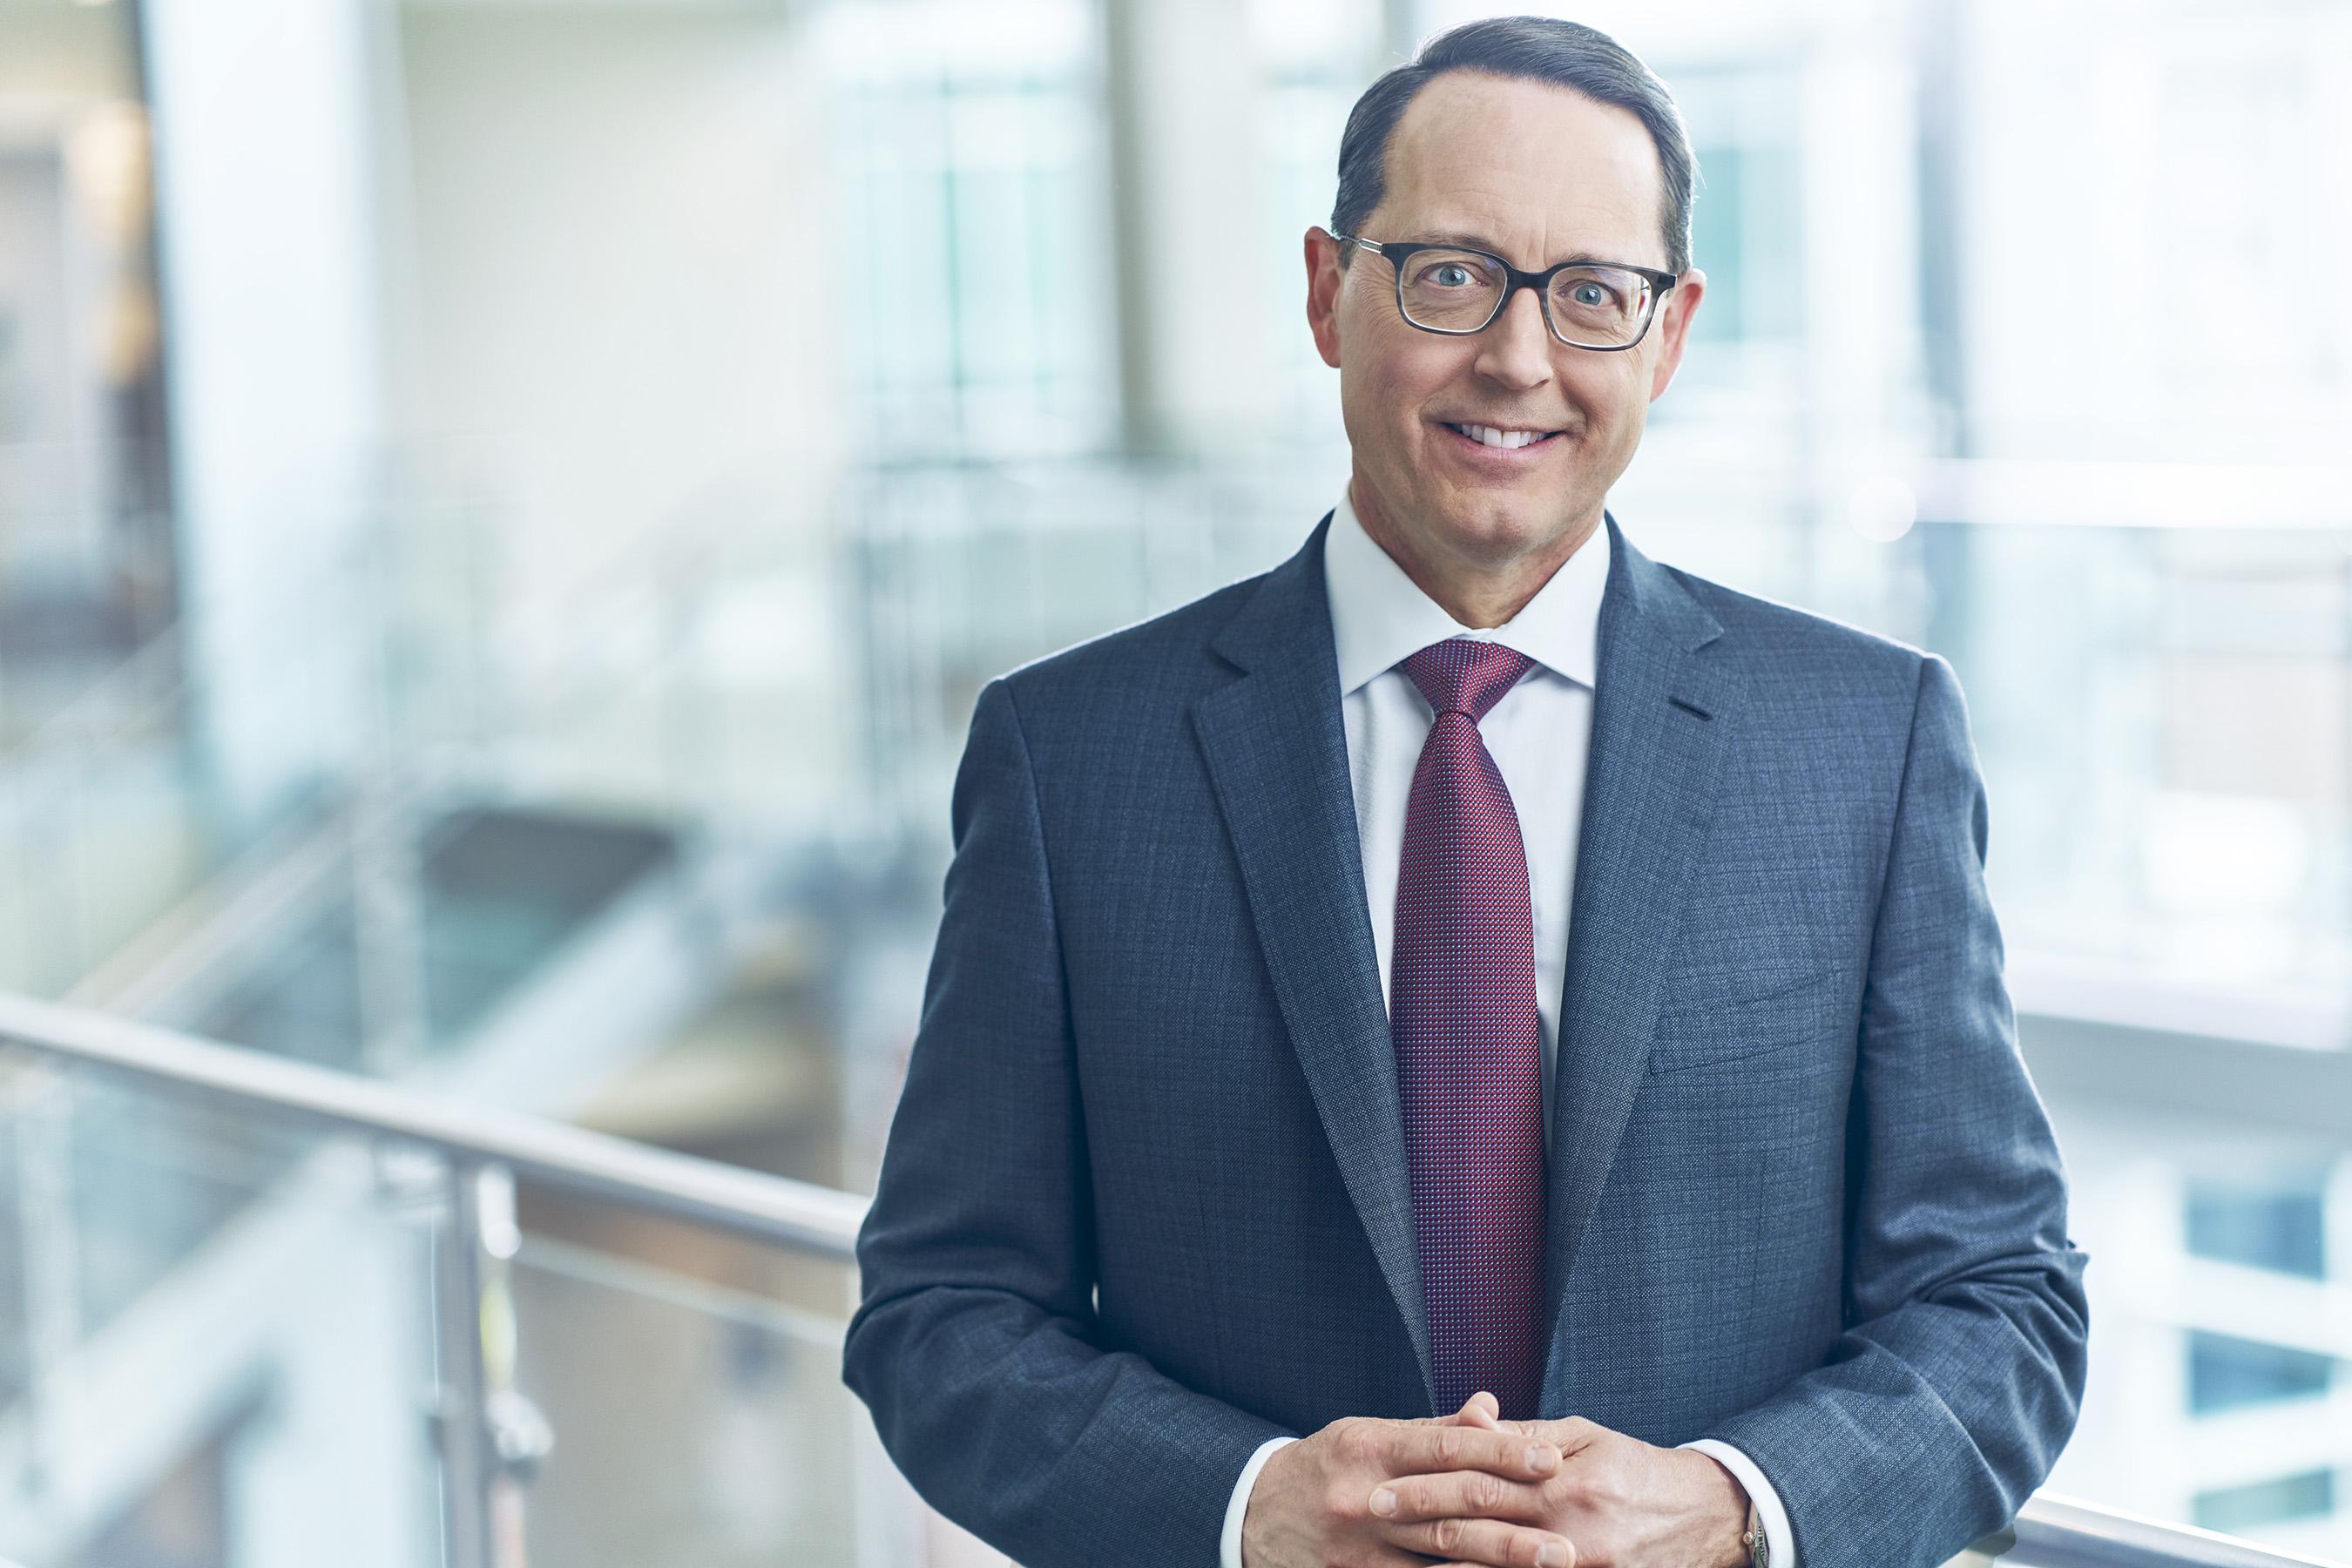 Tim Wentworth, CEO, Evernorth